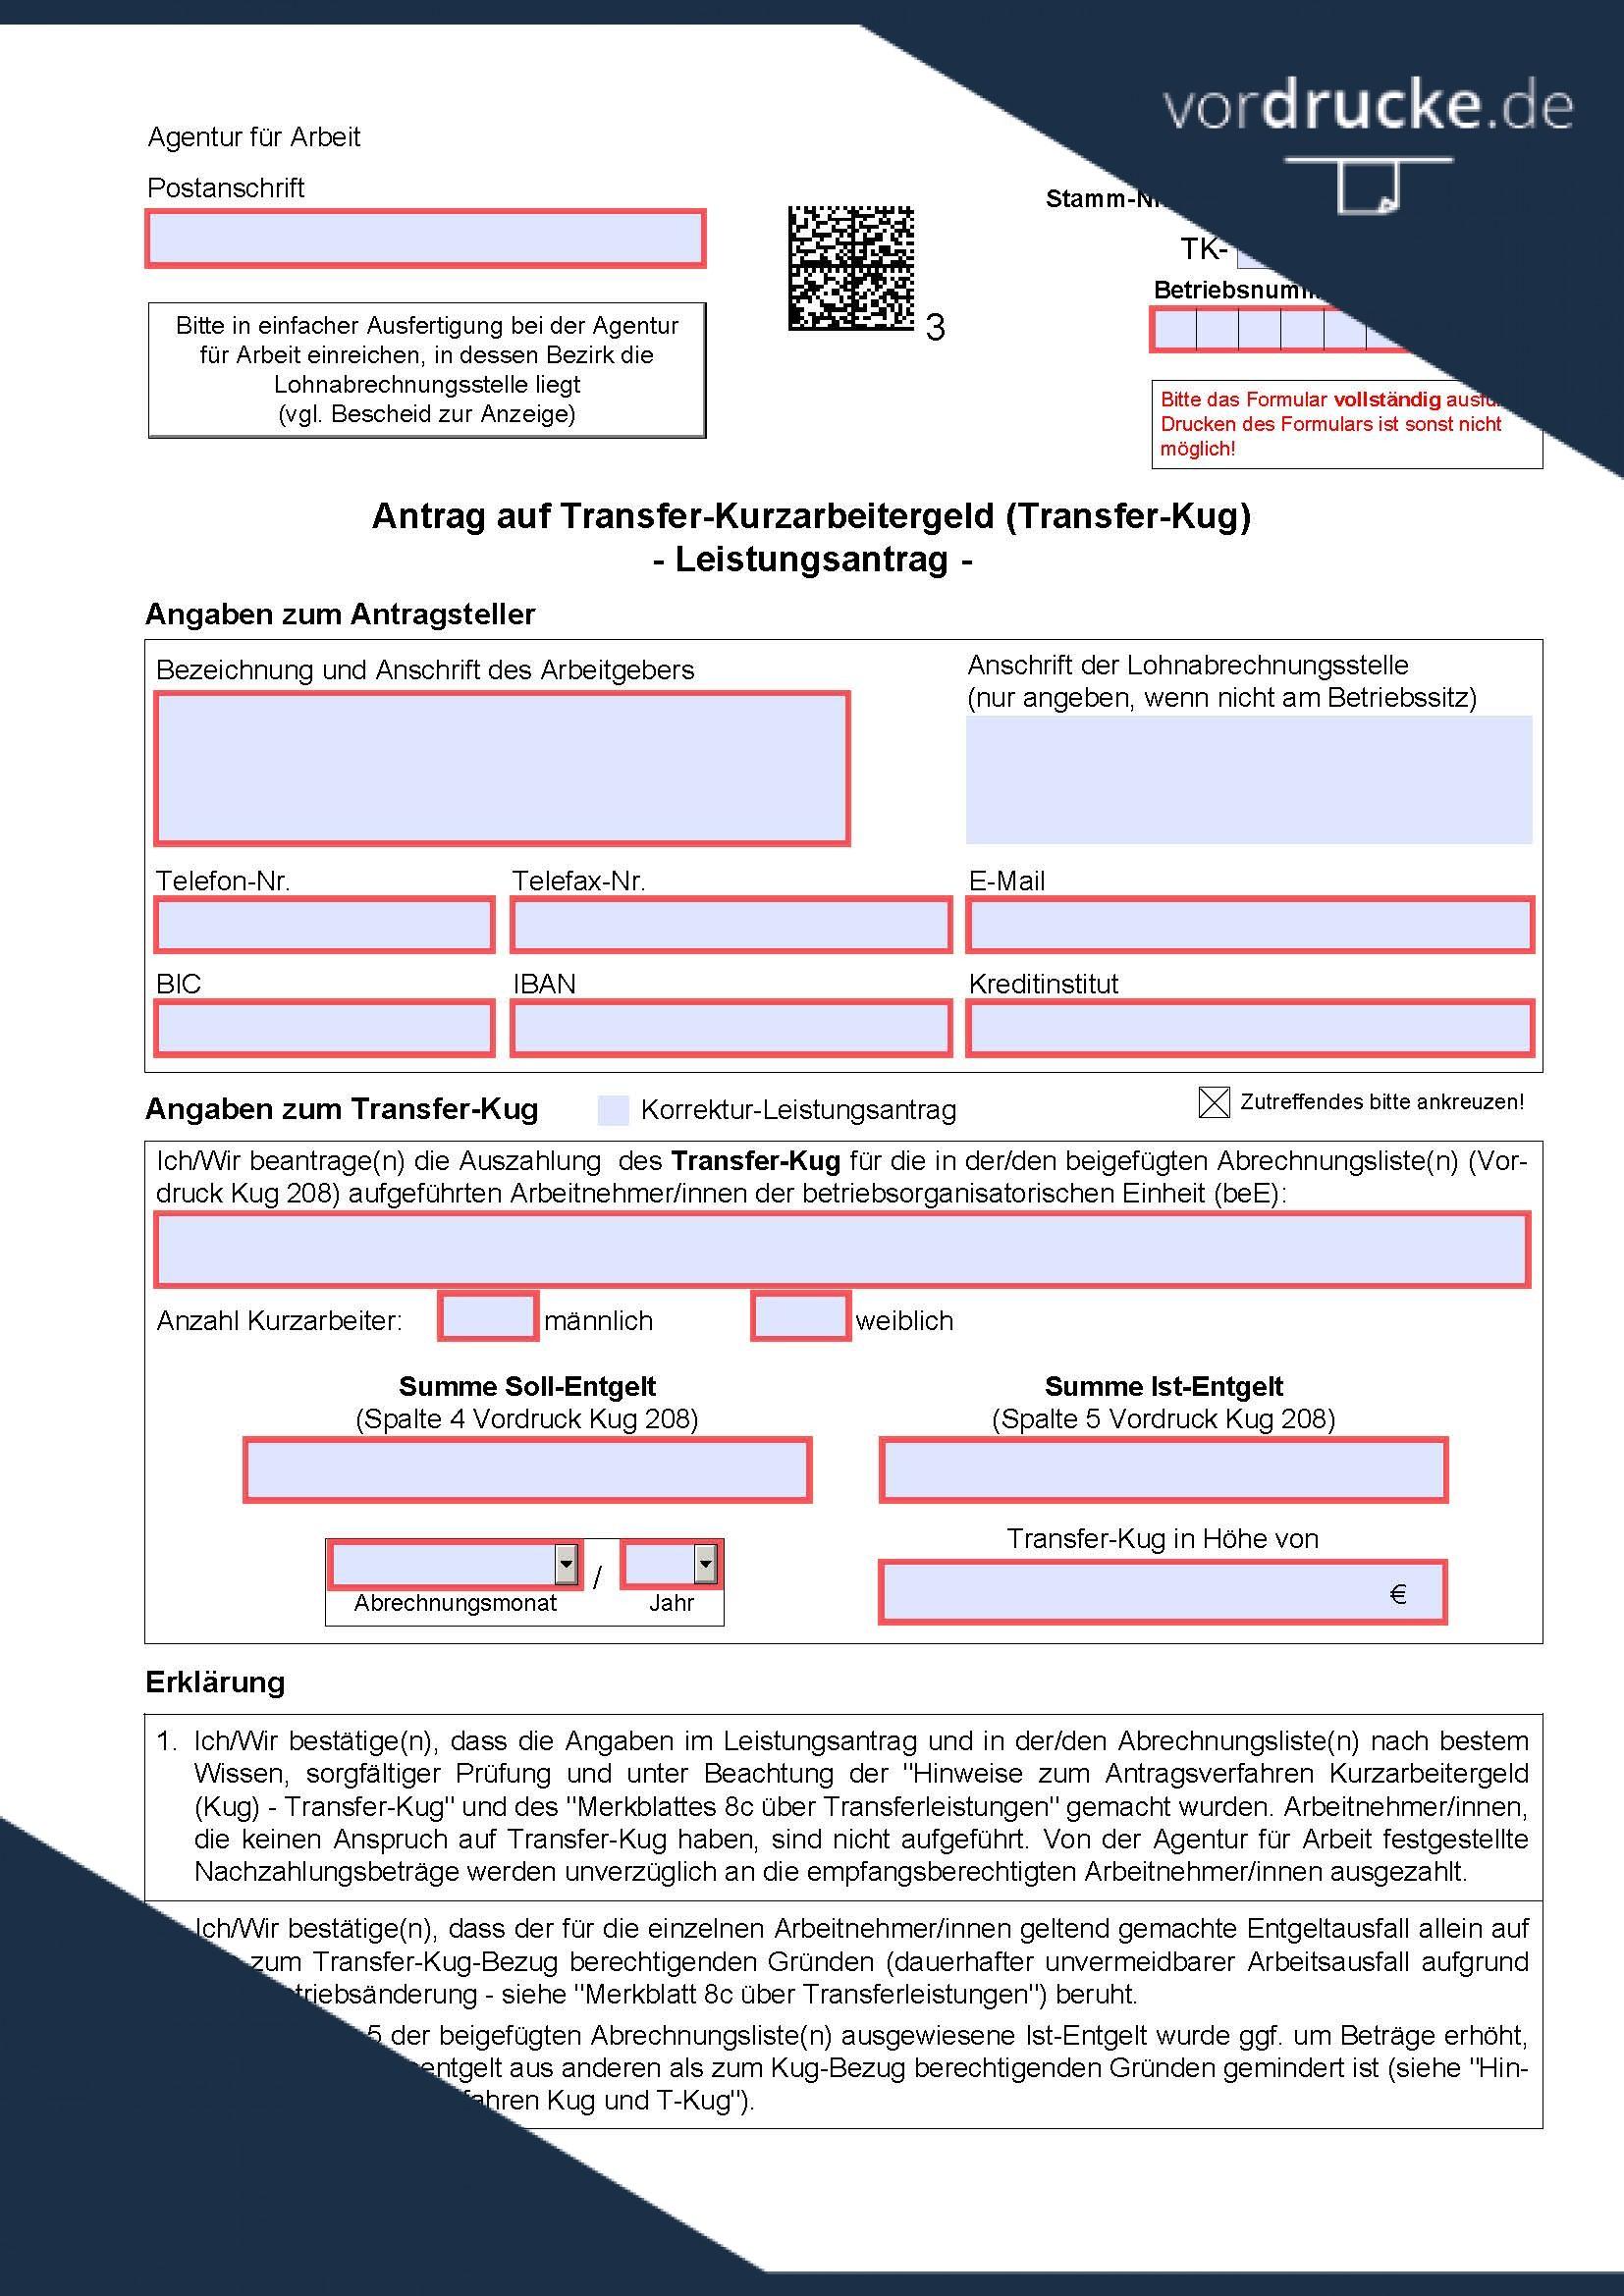 Antrag-auf-Transfer-Kurzarbeitergeld